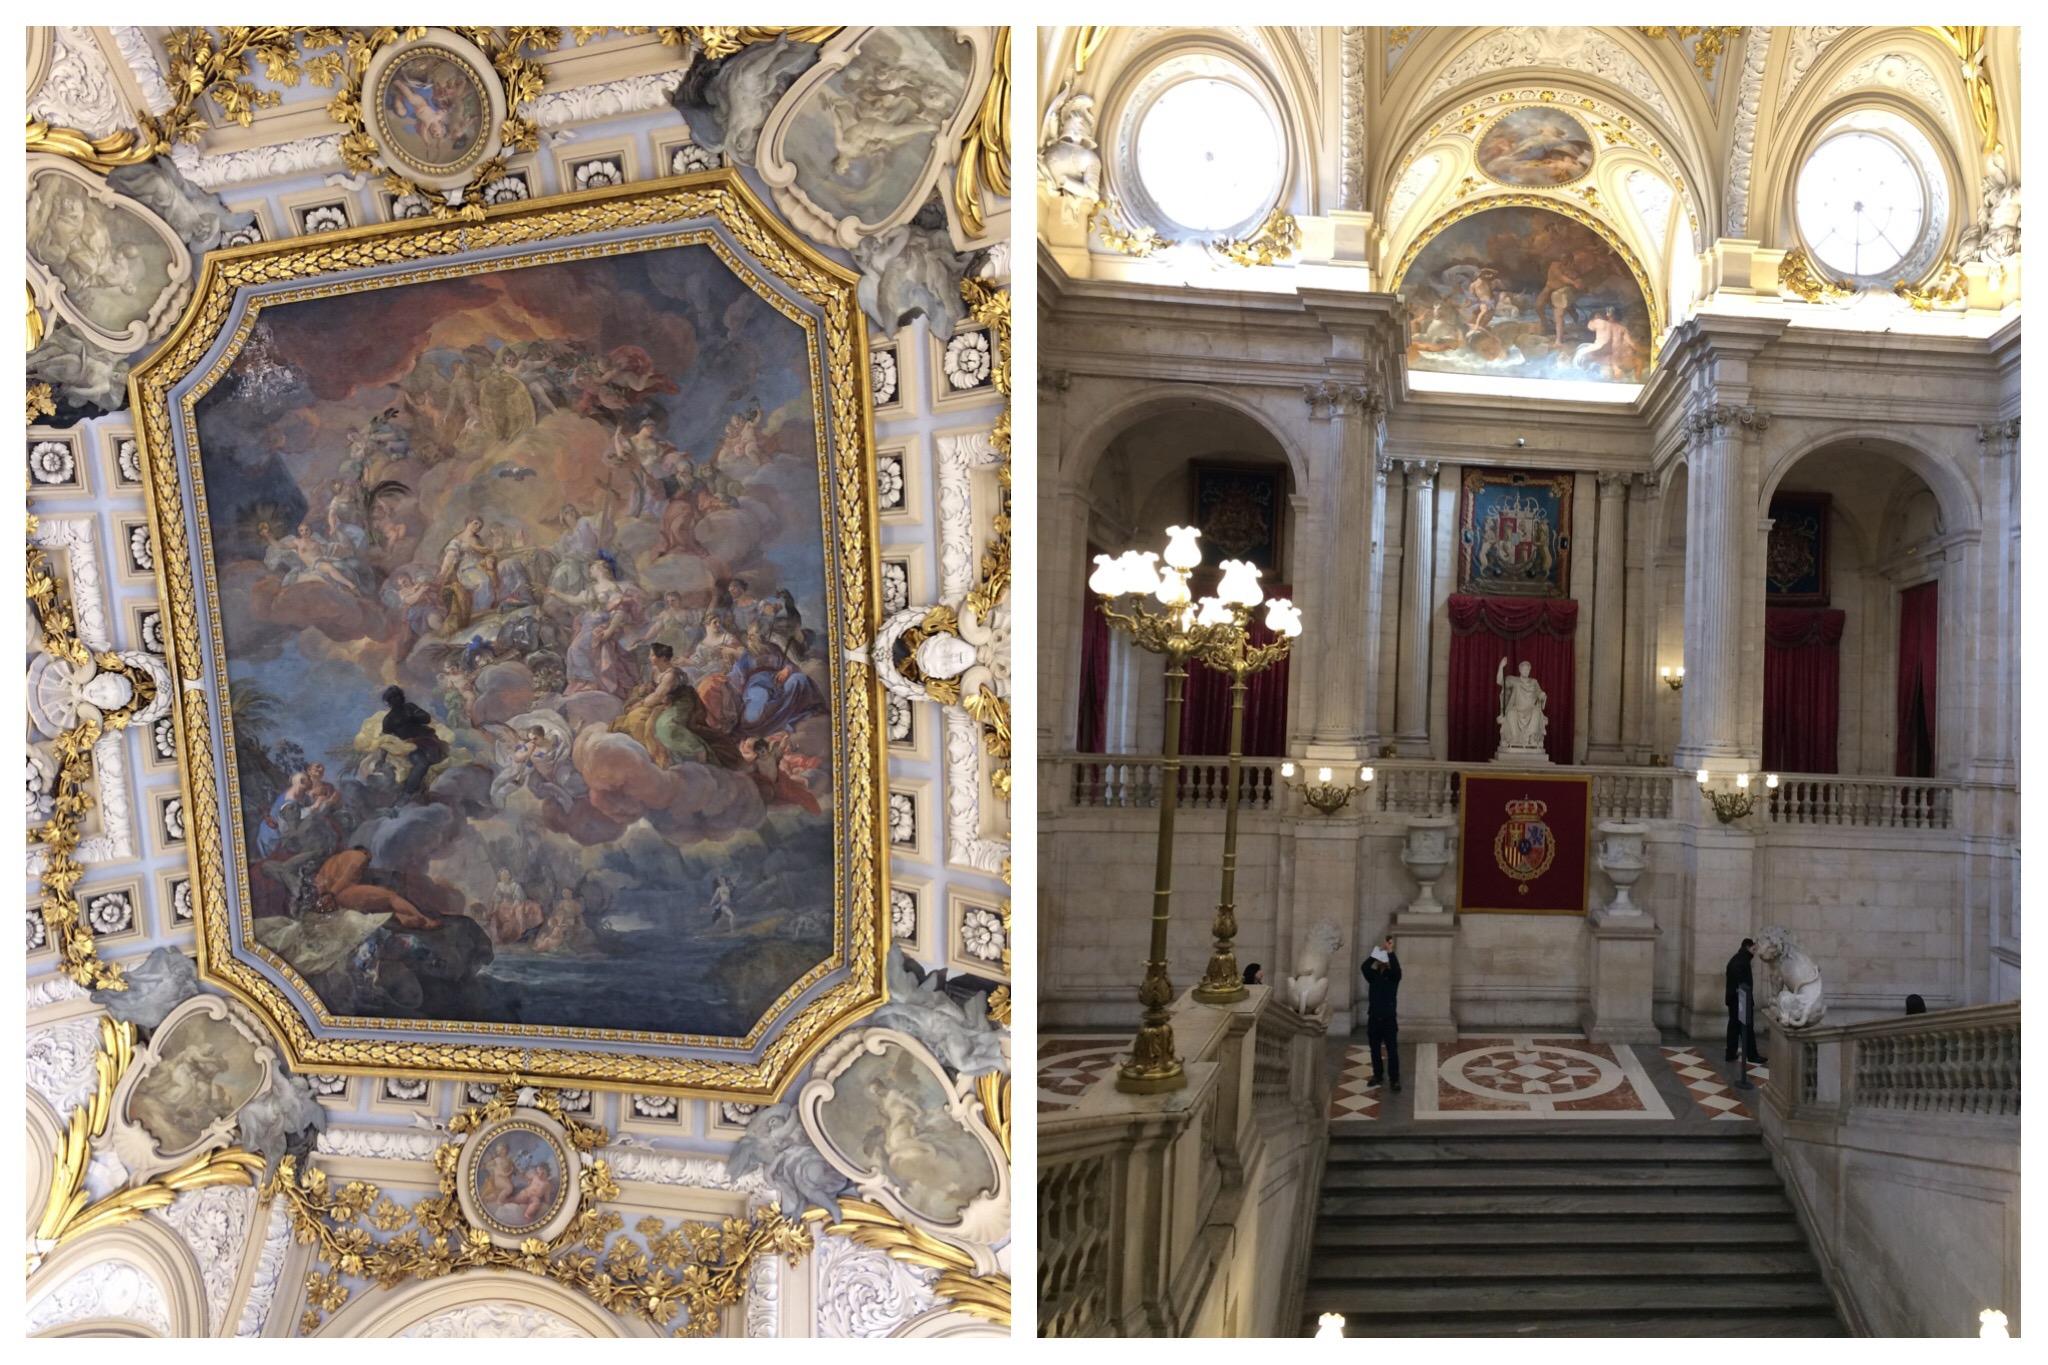 Madrid Royal Palace Palacio Real Main Stairway